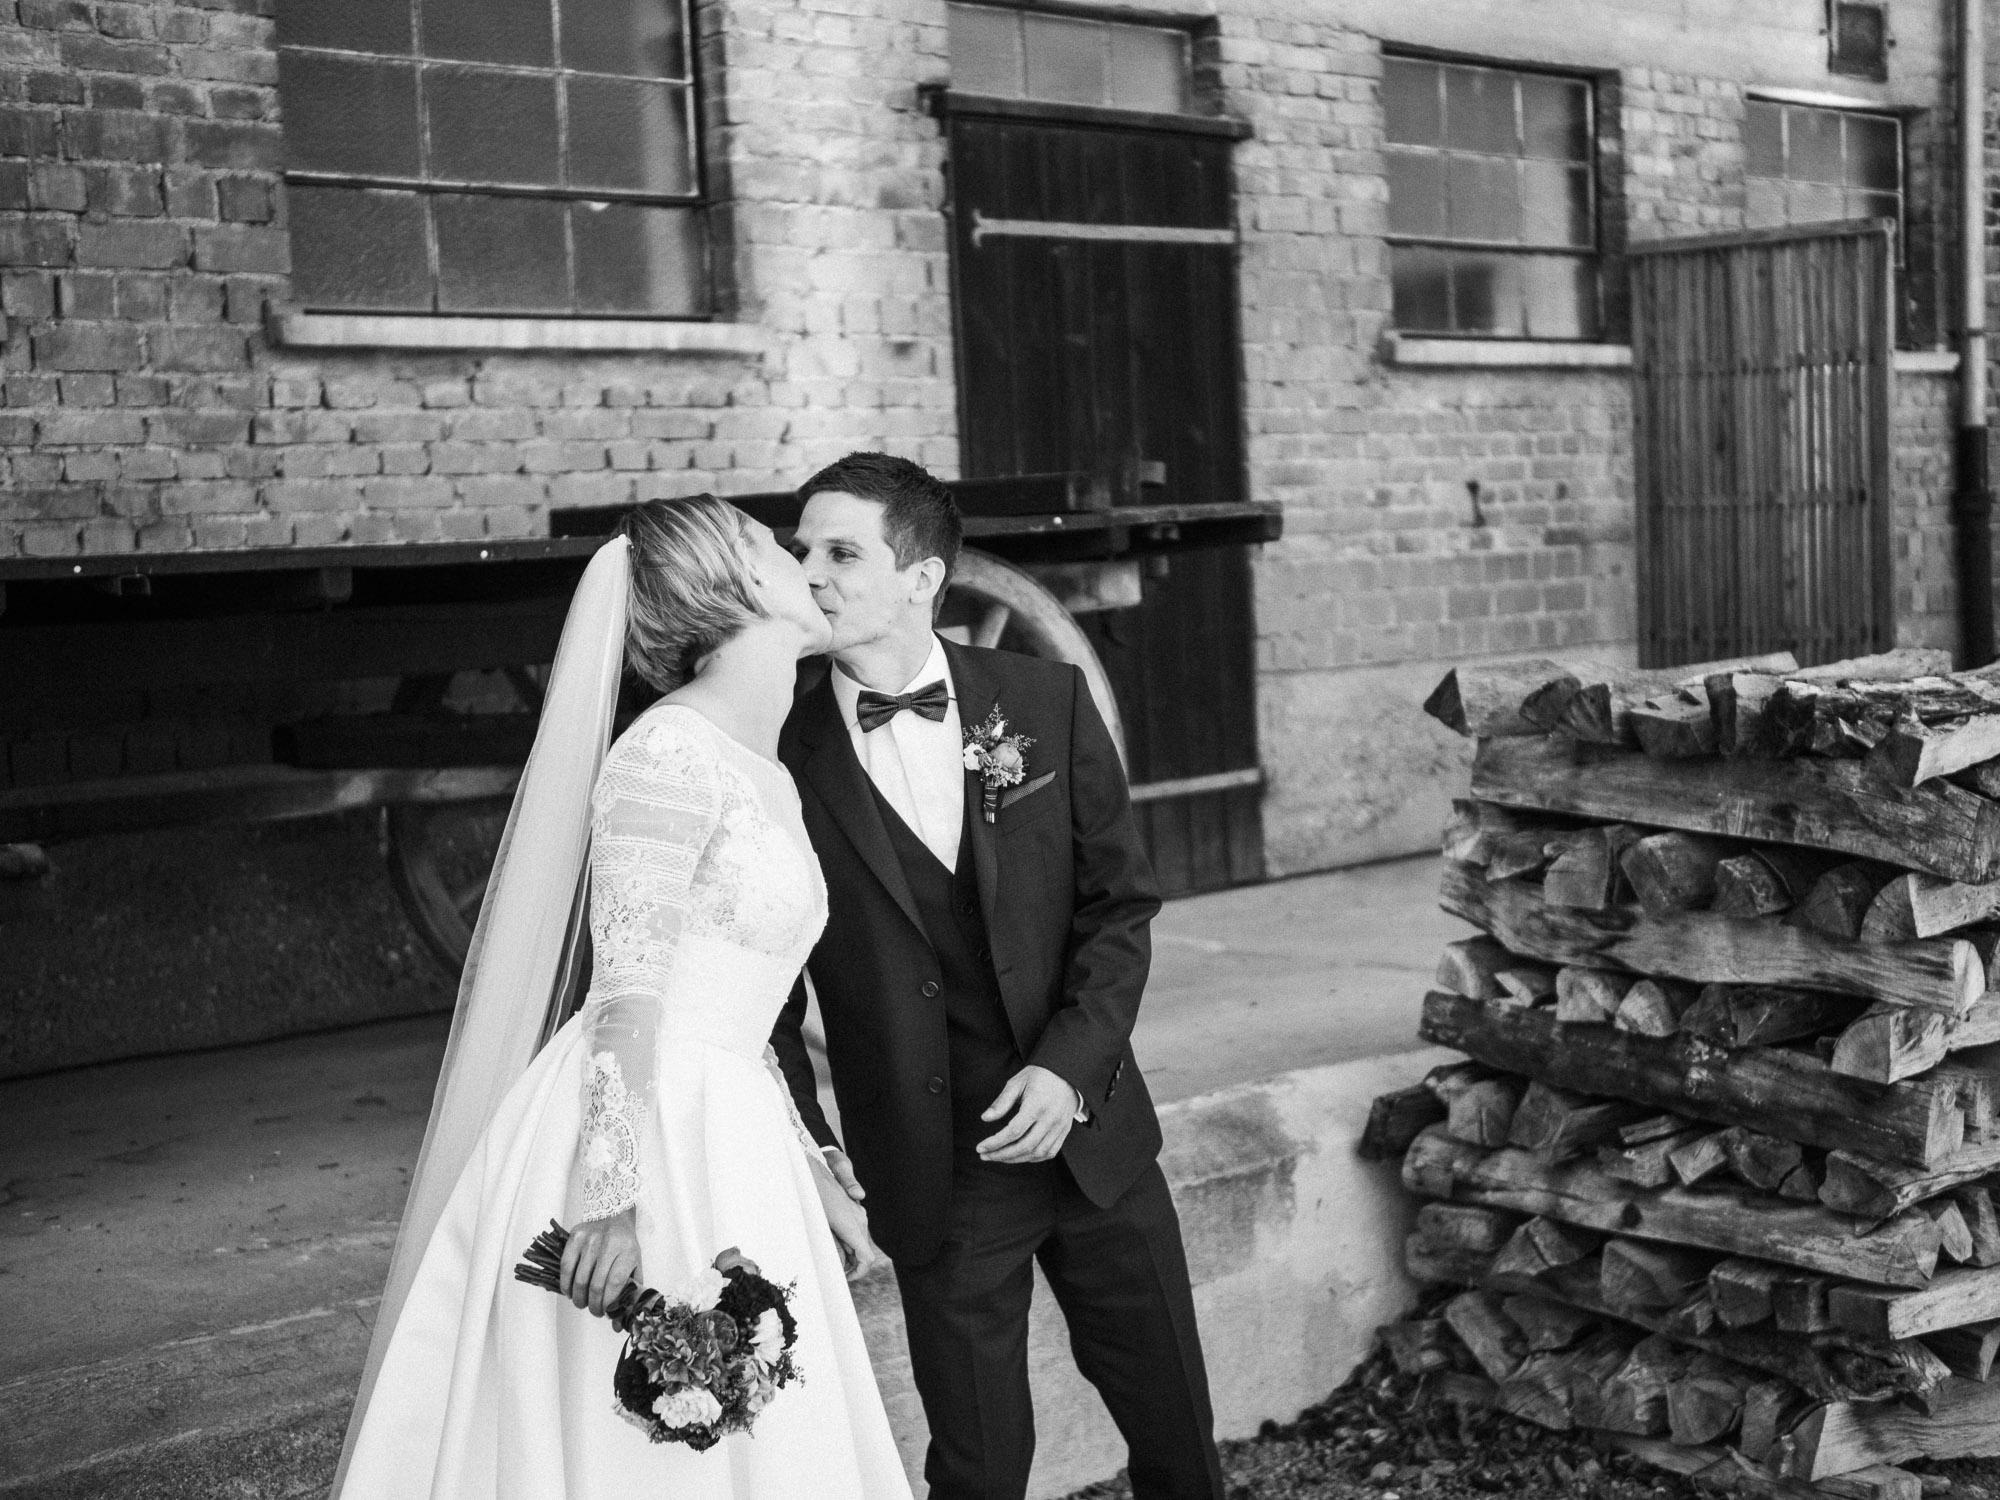 2018929 - Hochzeit - Memoryfactory-34.jpg